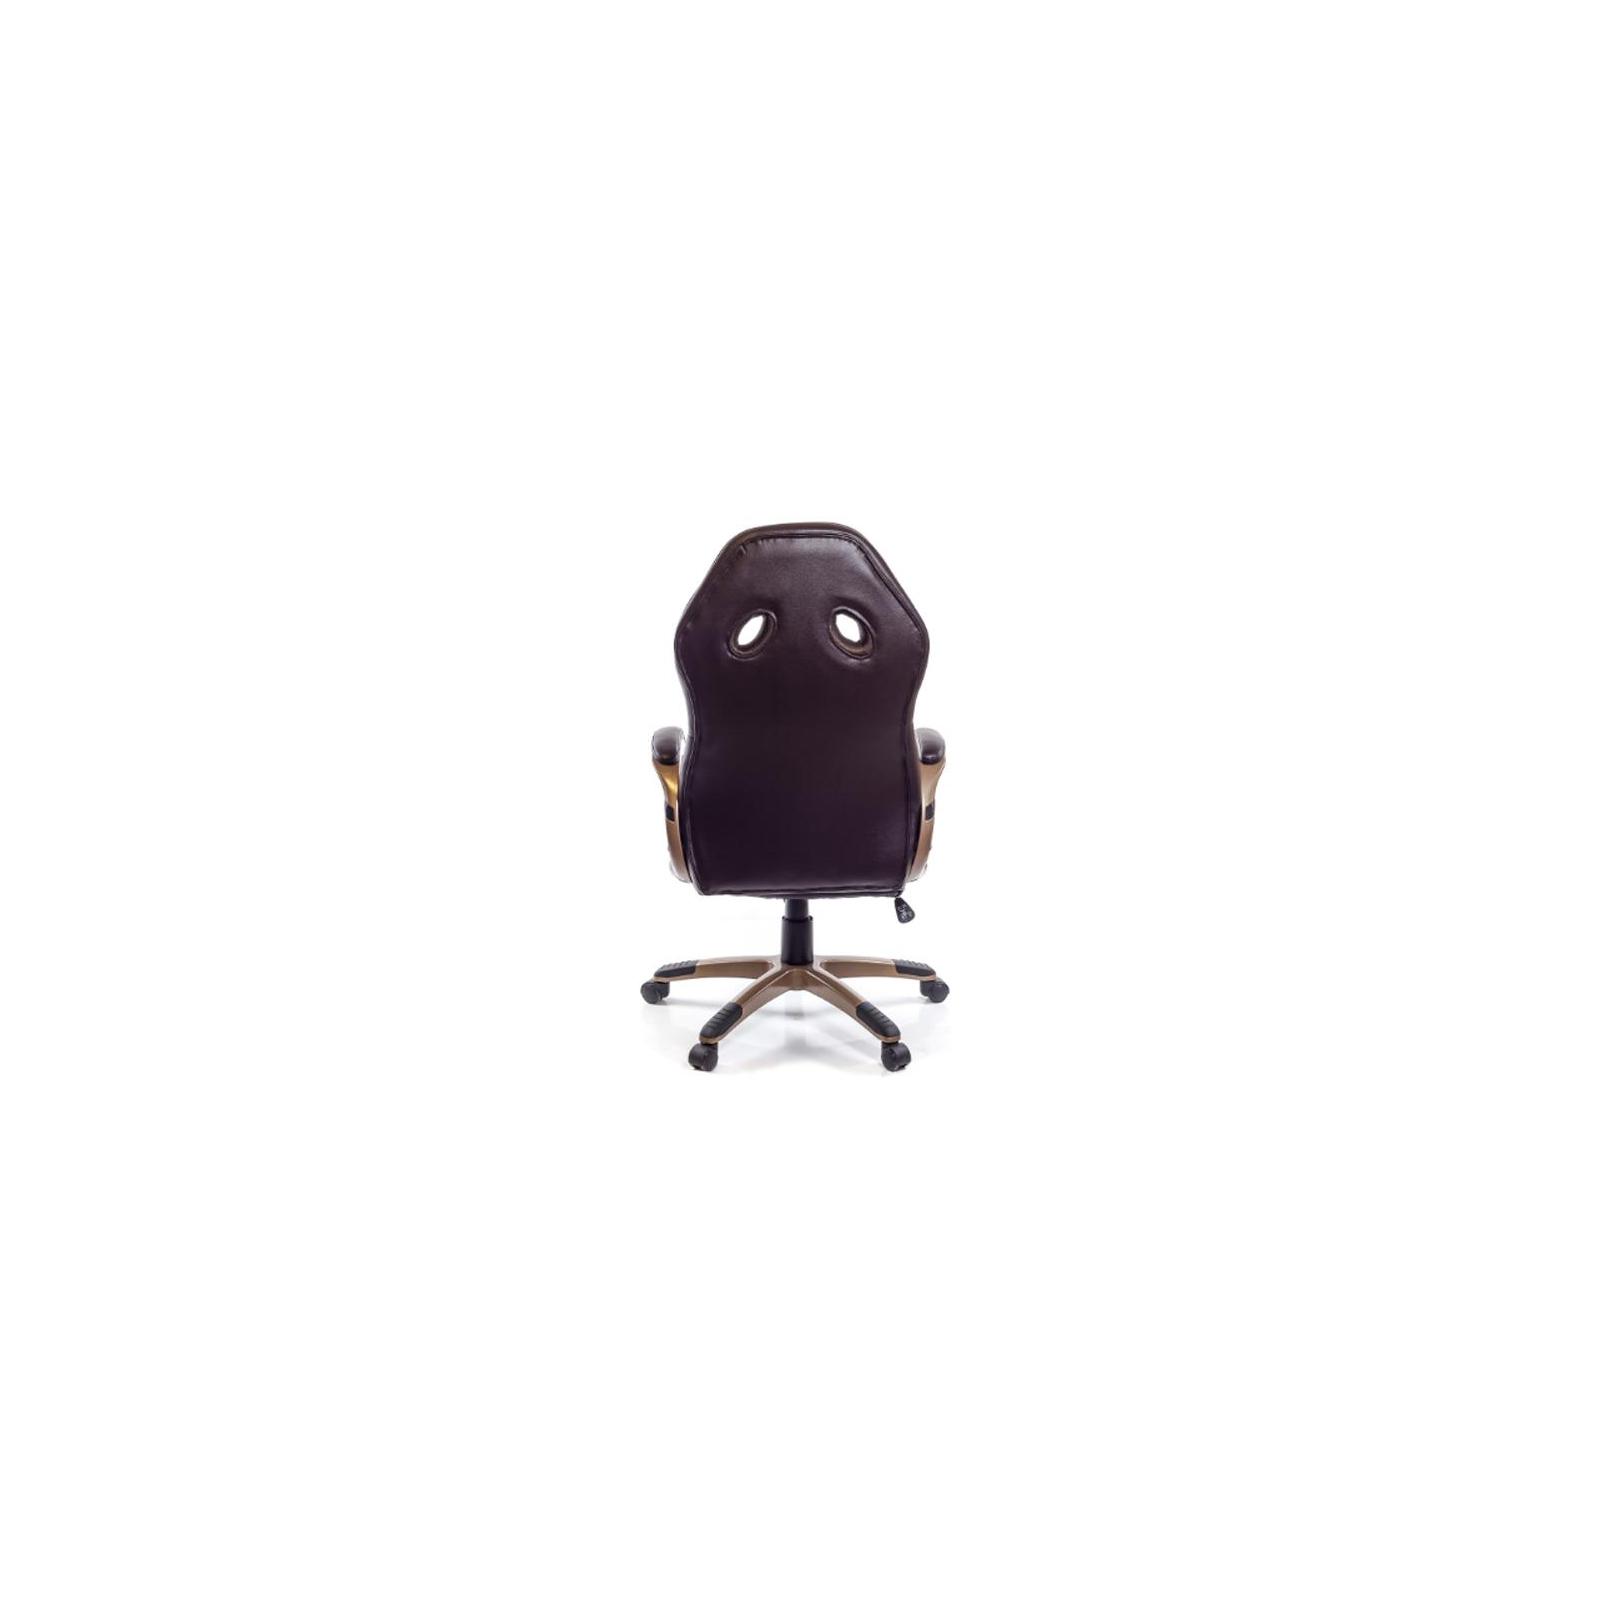 Кресло игровое АКЛАС Блиц PL TILT Коричневое (07262) изображение 4